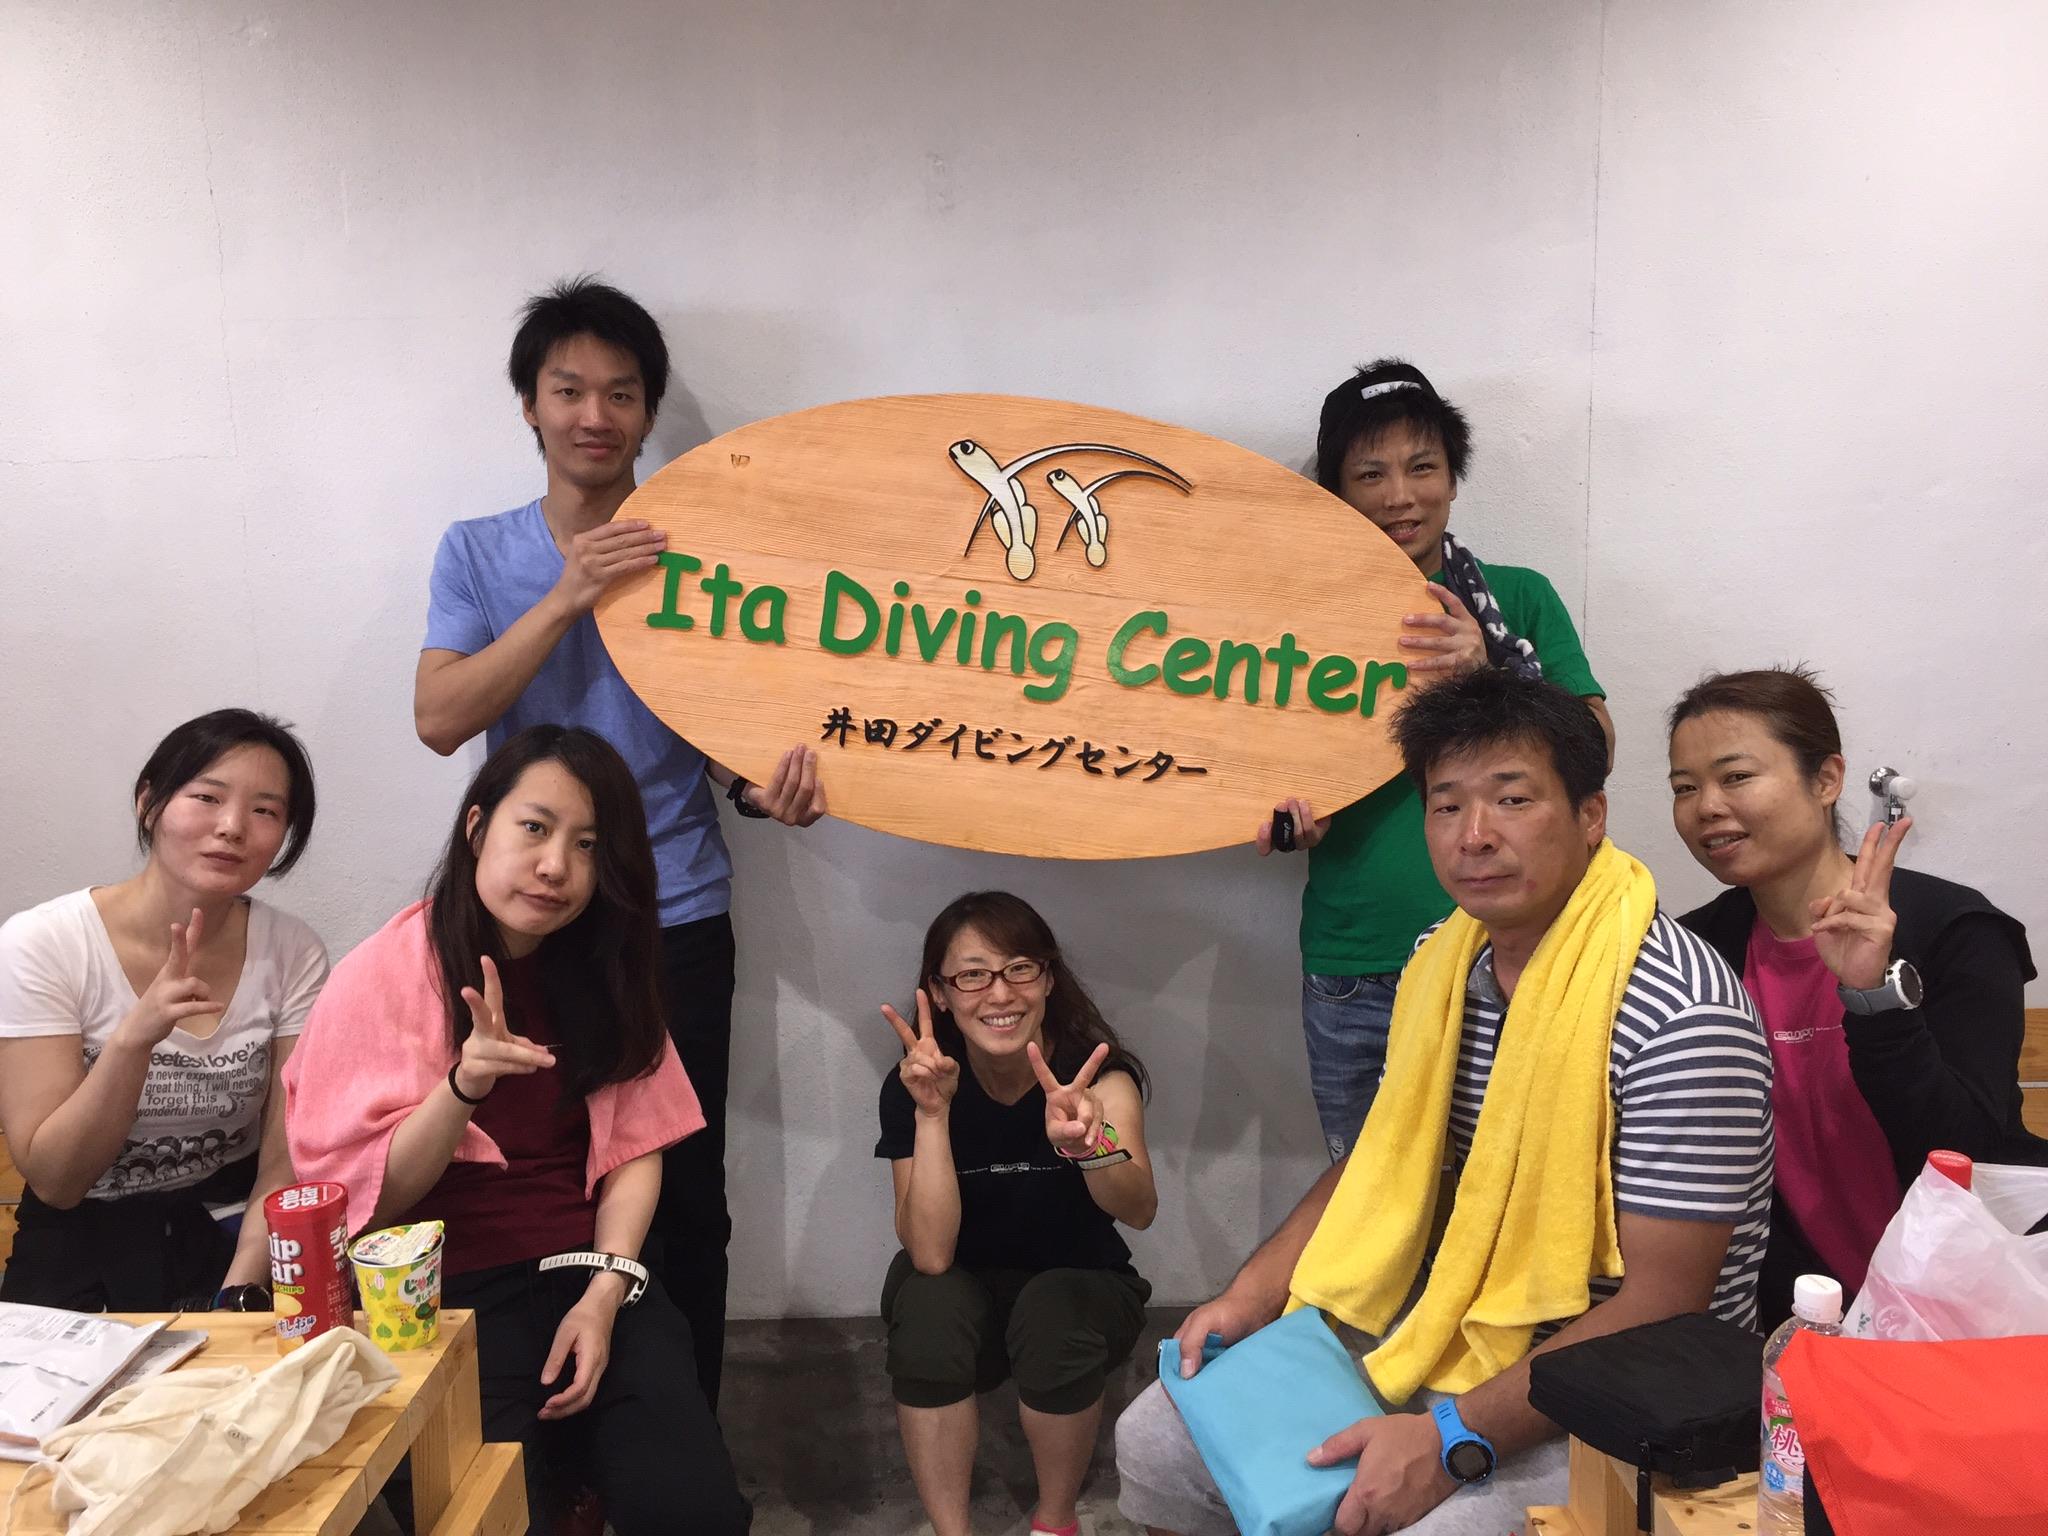 6/26(夜)~28(日) 黄金崎ナイト&井田 夜行2日間4ビーチ1ナイト